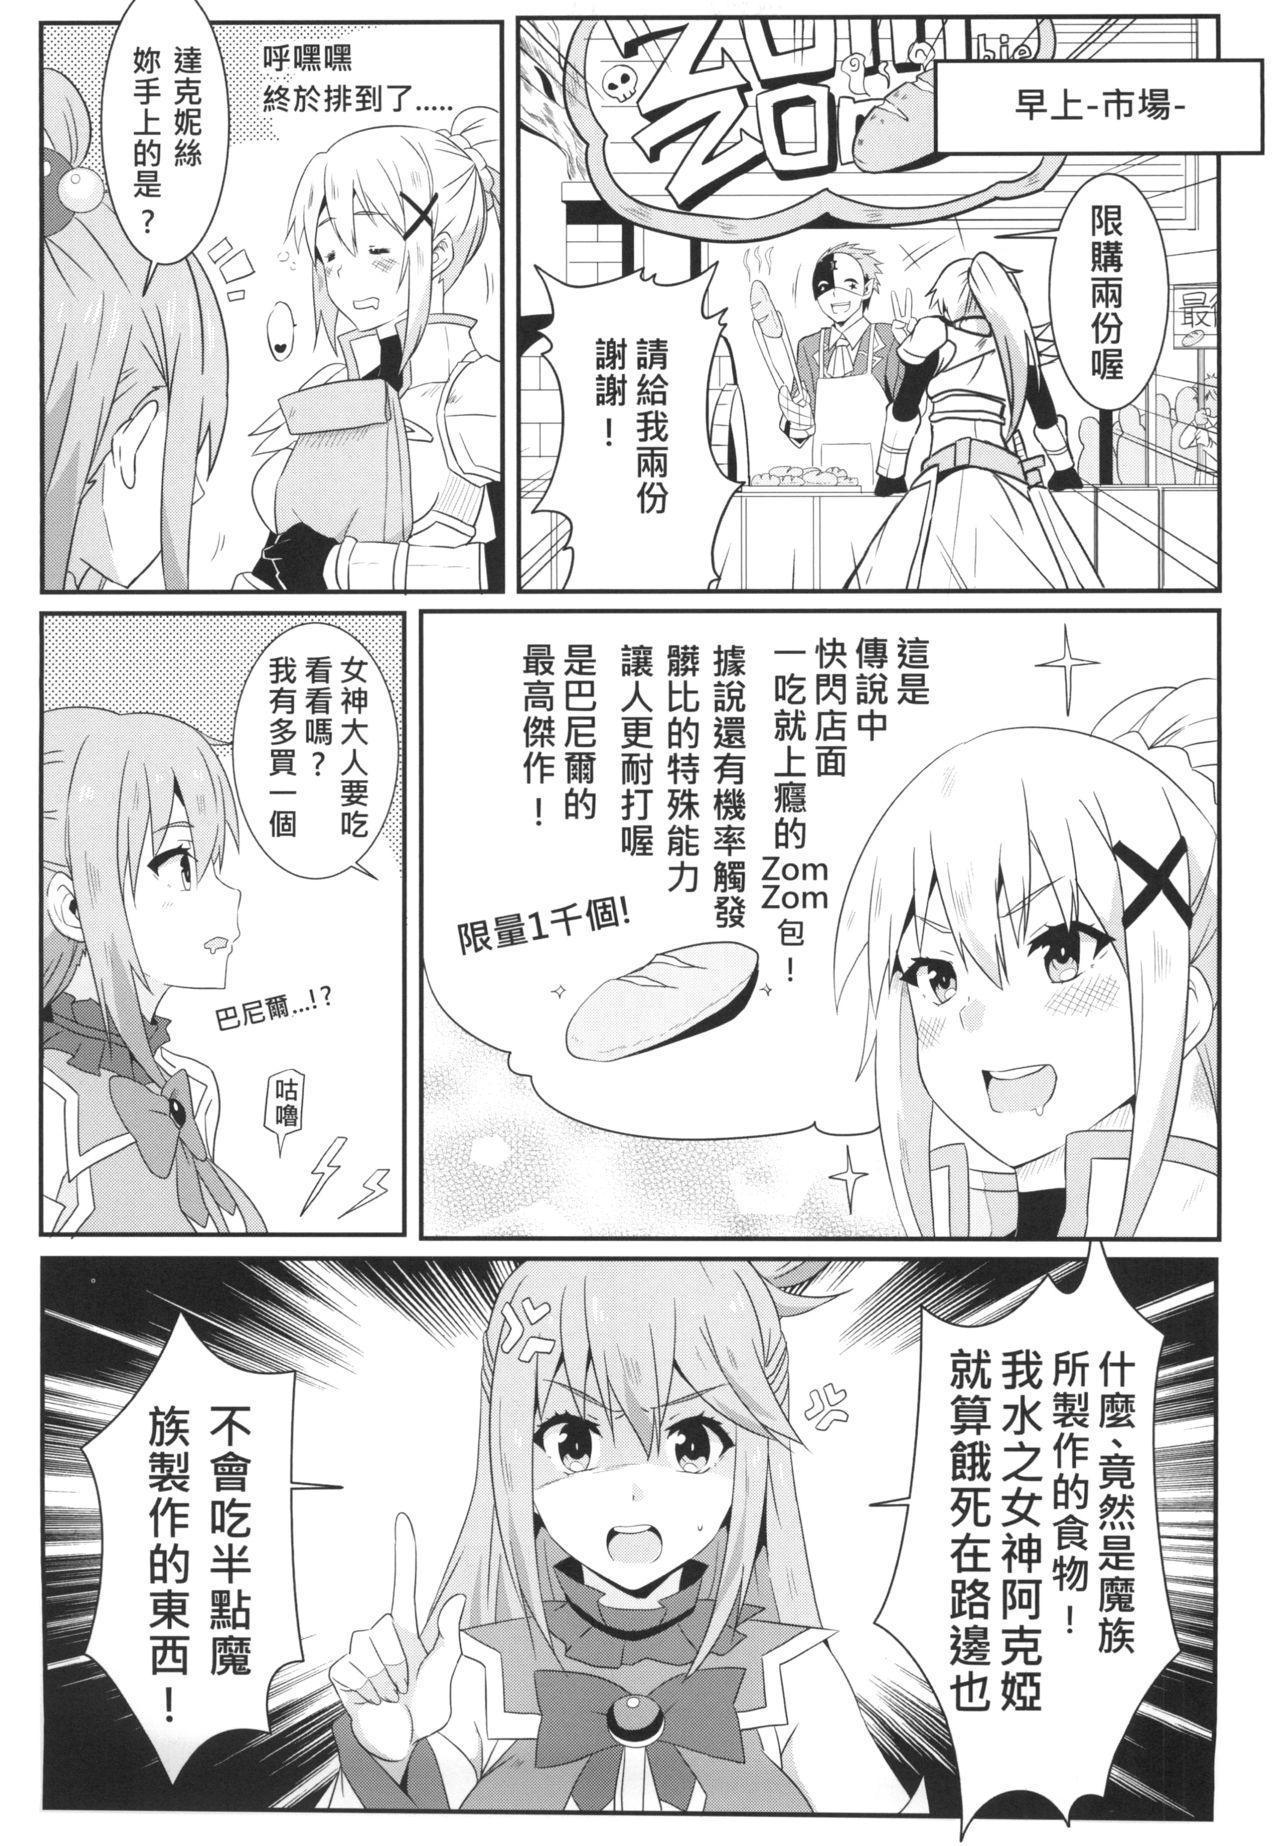 Megumin ni Kareina Shasei o! 4 | 為惠惠獻上華麗的爆射4! 6